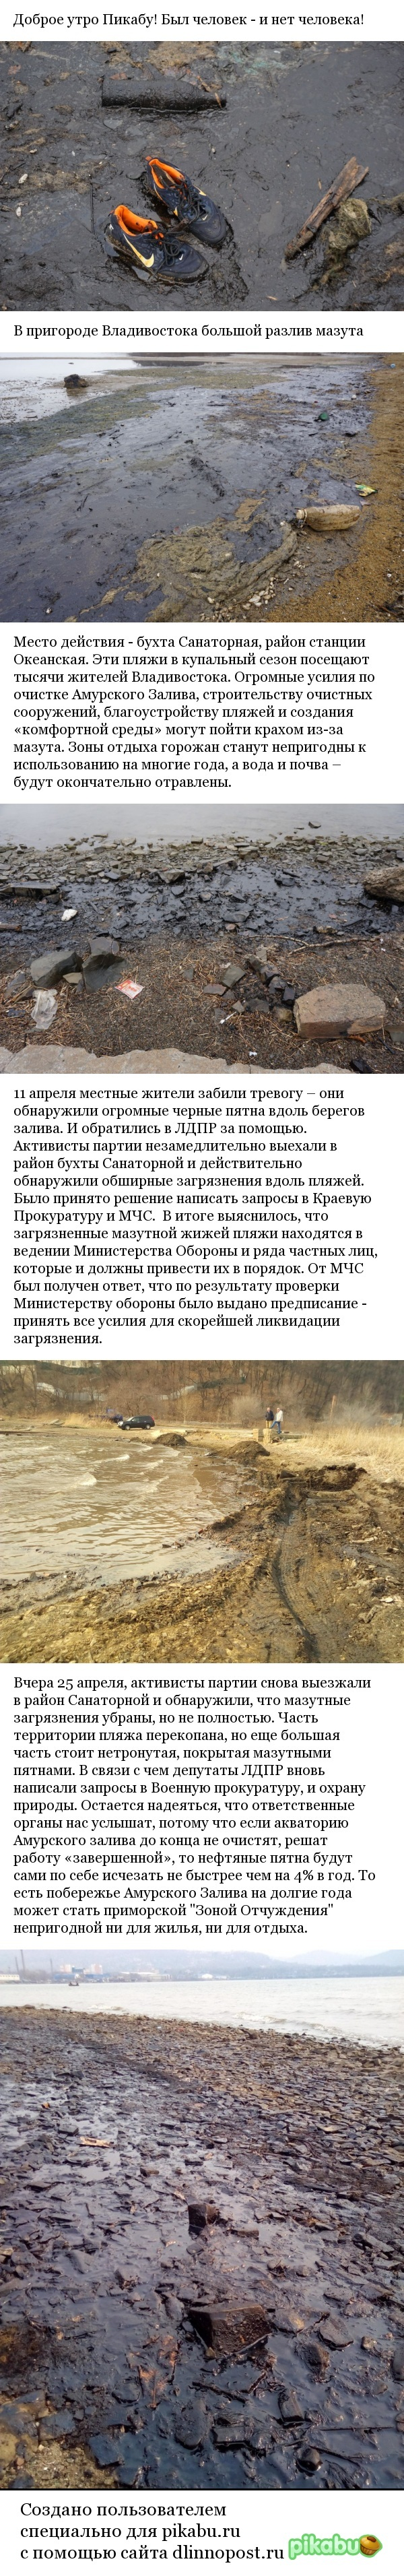 Пригород Владивостока тонет в мазуте владивосток, мазут, экология, фотография, катастрофа, мчс, минобороны, длиннопост, негатив